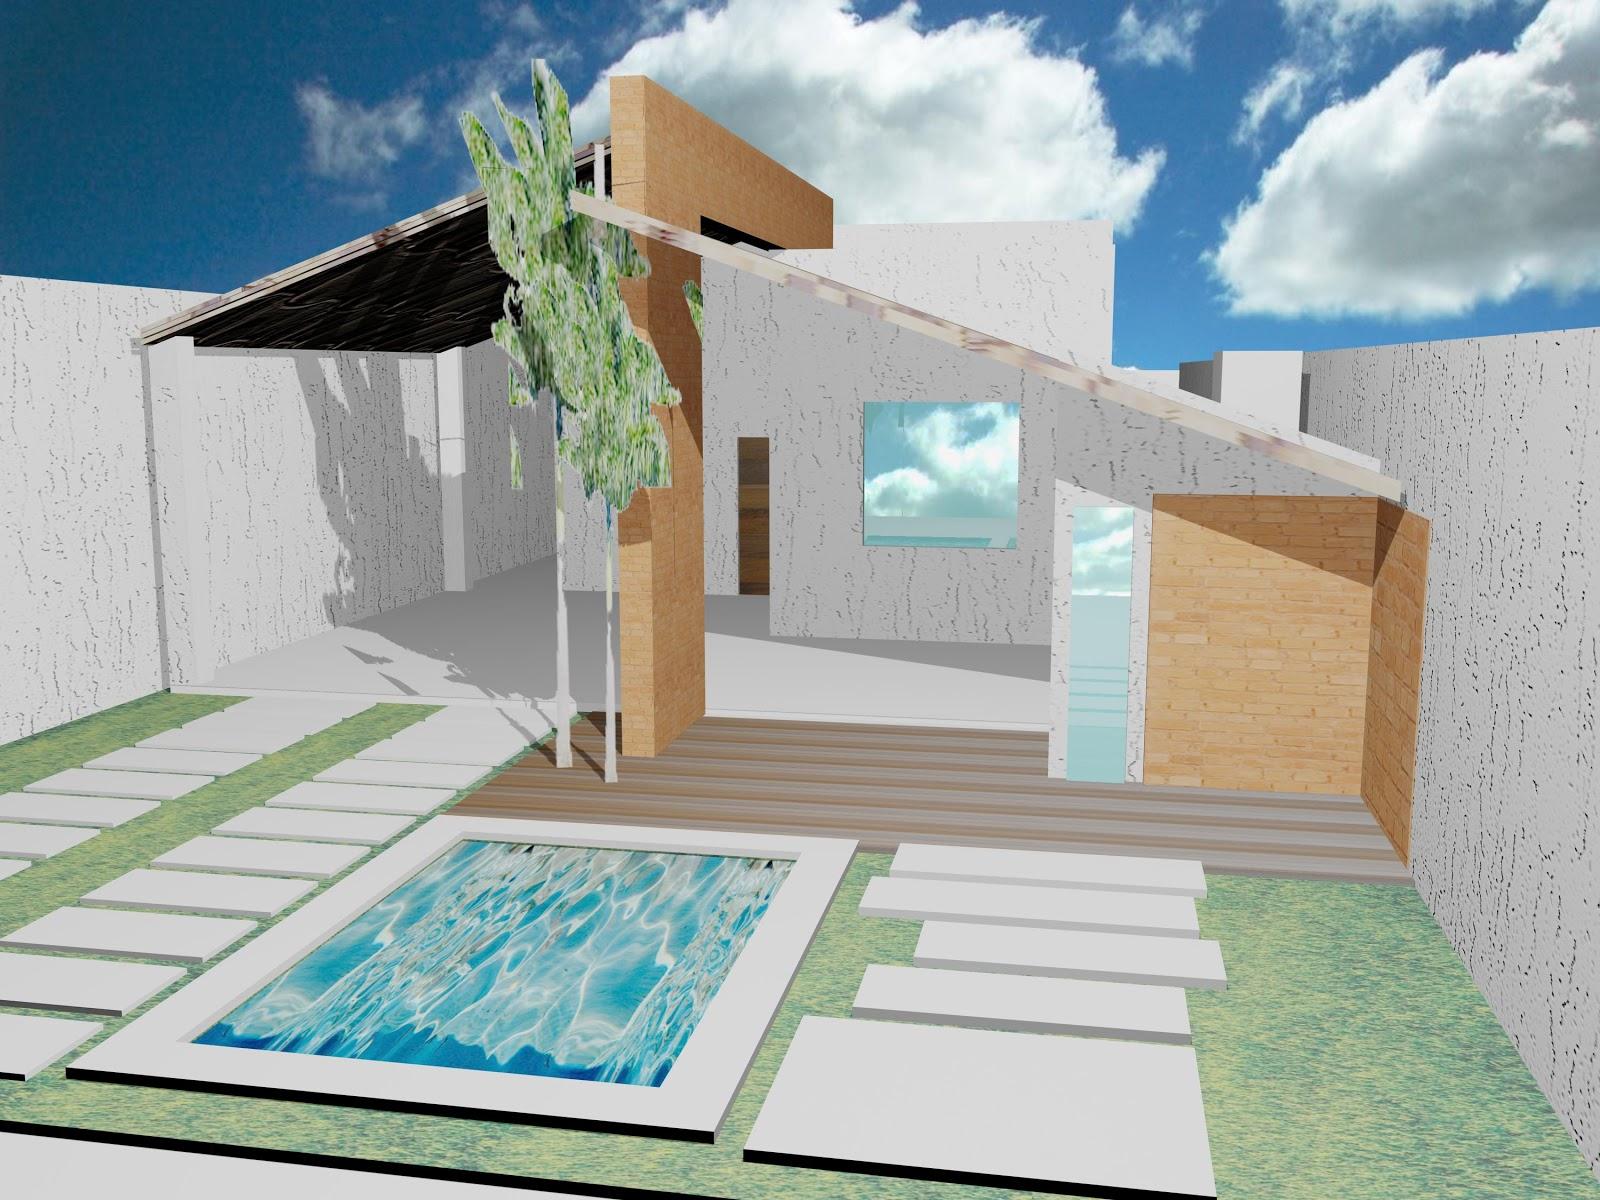 projeto de ofuro no jardim:Oficina de Arquitetura: Projetos de  #134B6D 1600 1200